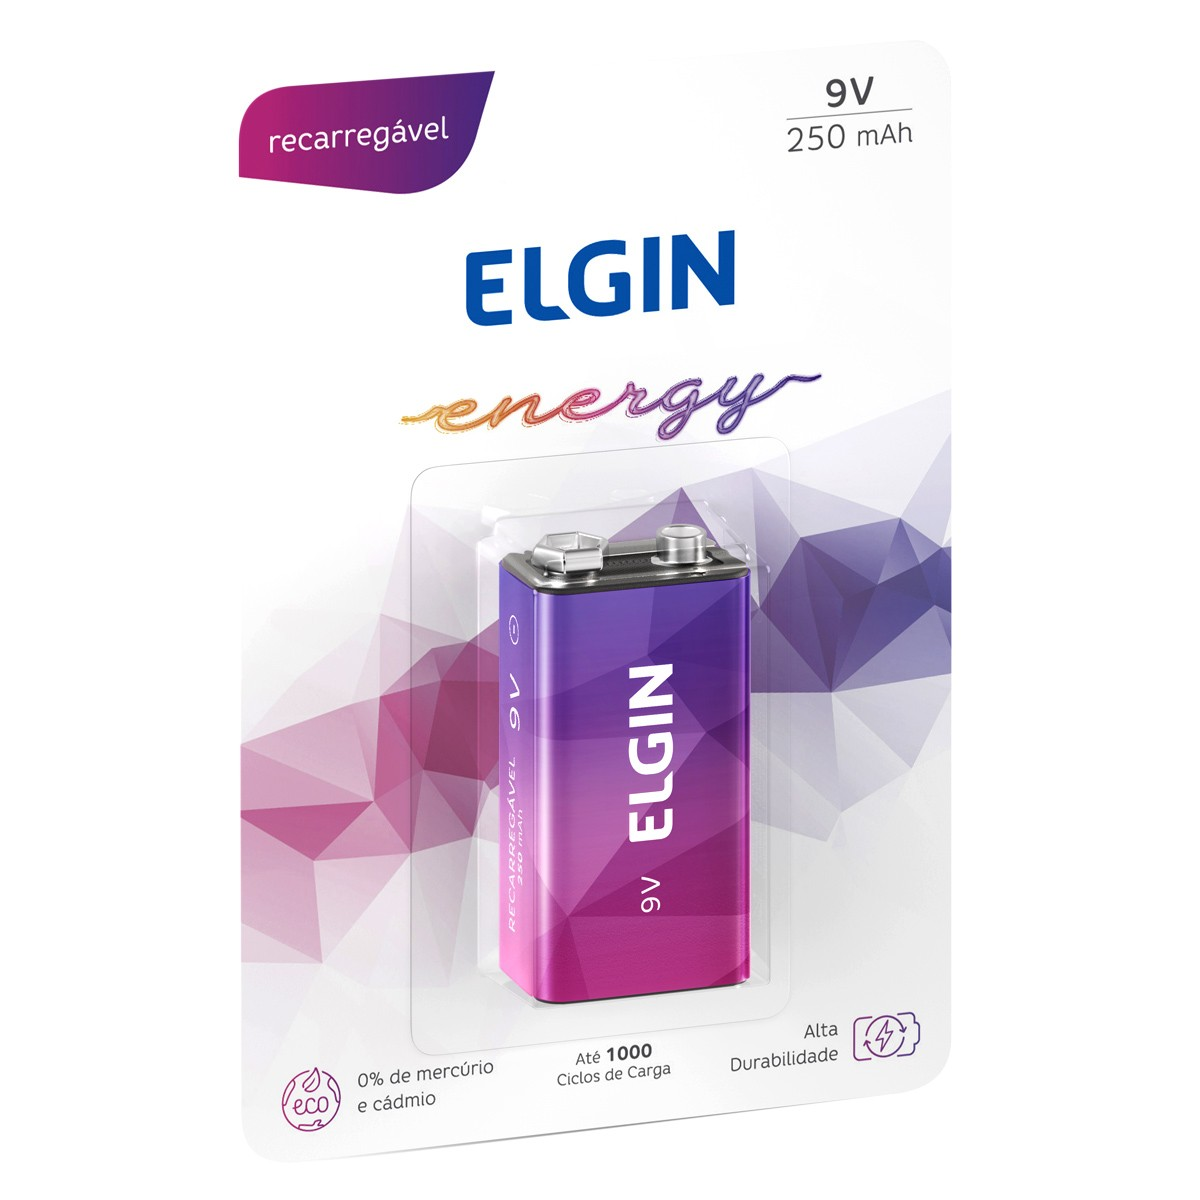 01 Bateria ELGIN 9V 250mAh Recarregável Alcalina 1 cartela